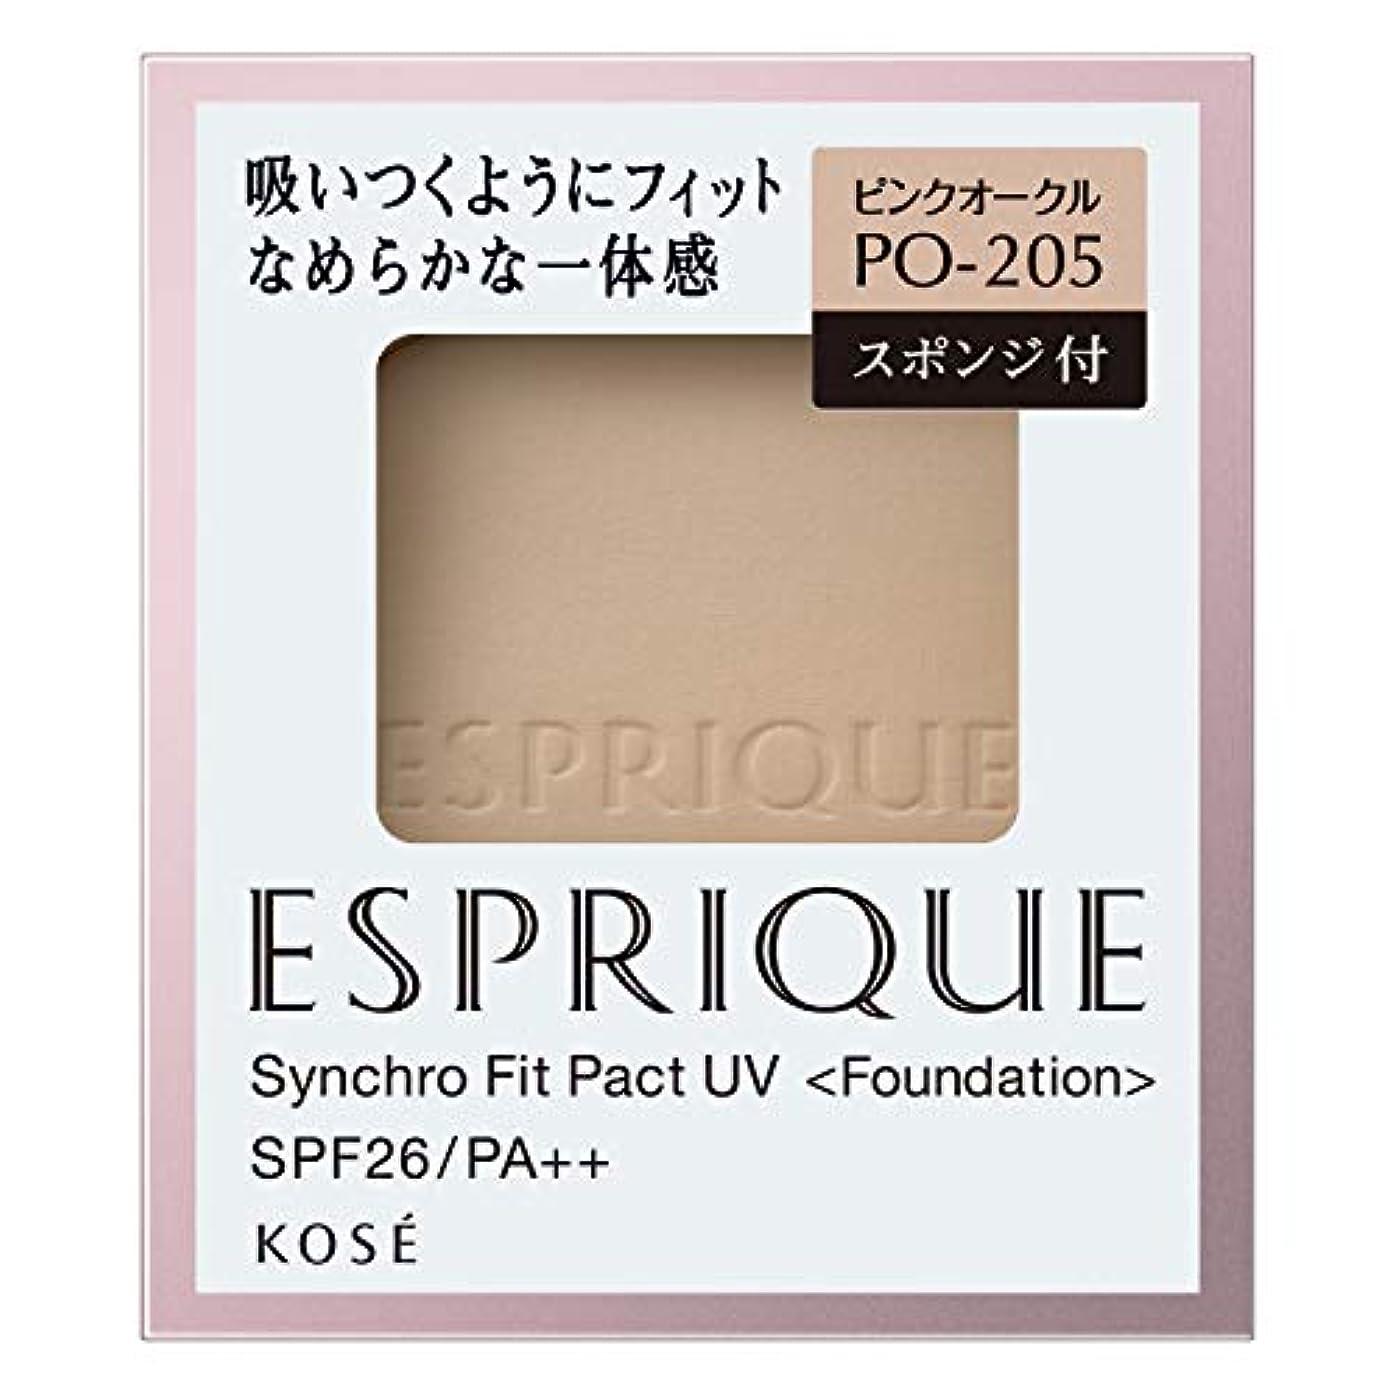 が欲しい放棄おめでとうエスプリーク シンクロフィット パクト UV PO-205 ピンクオークル 9.3g